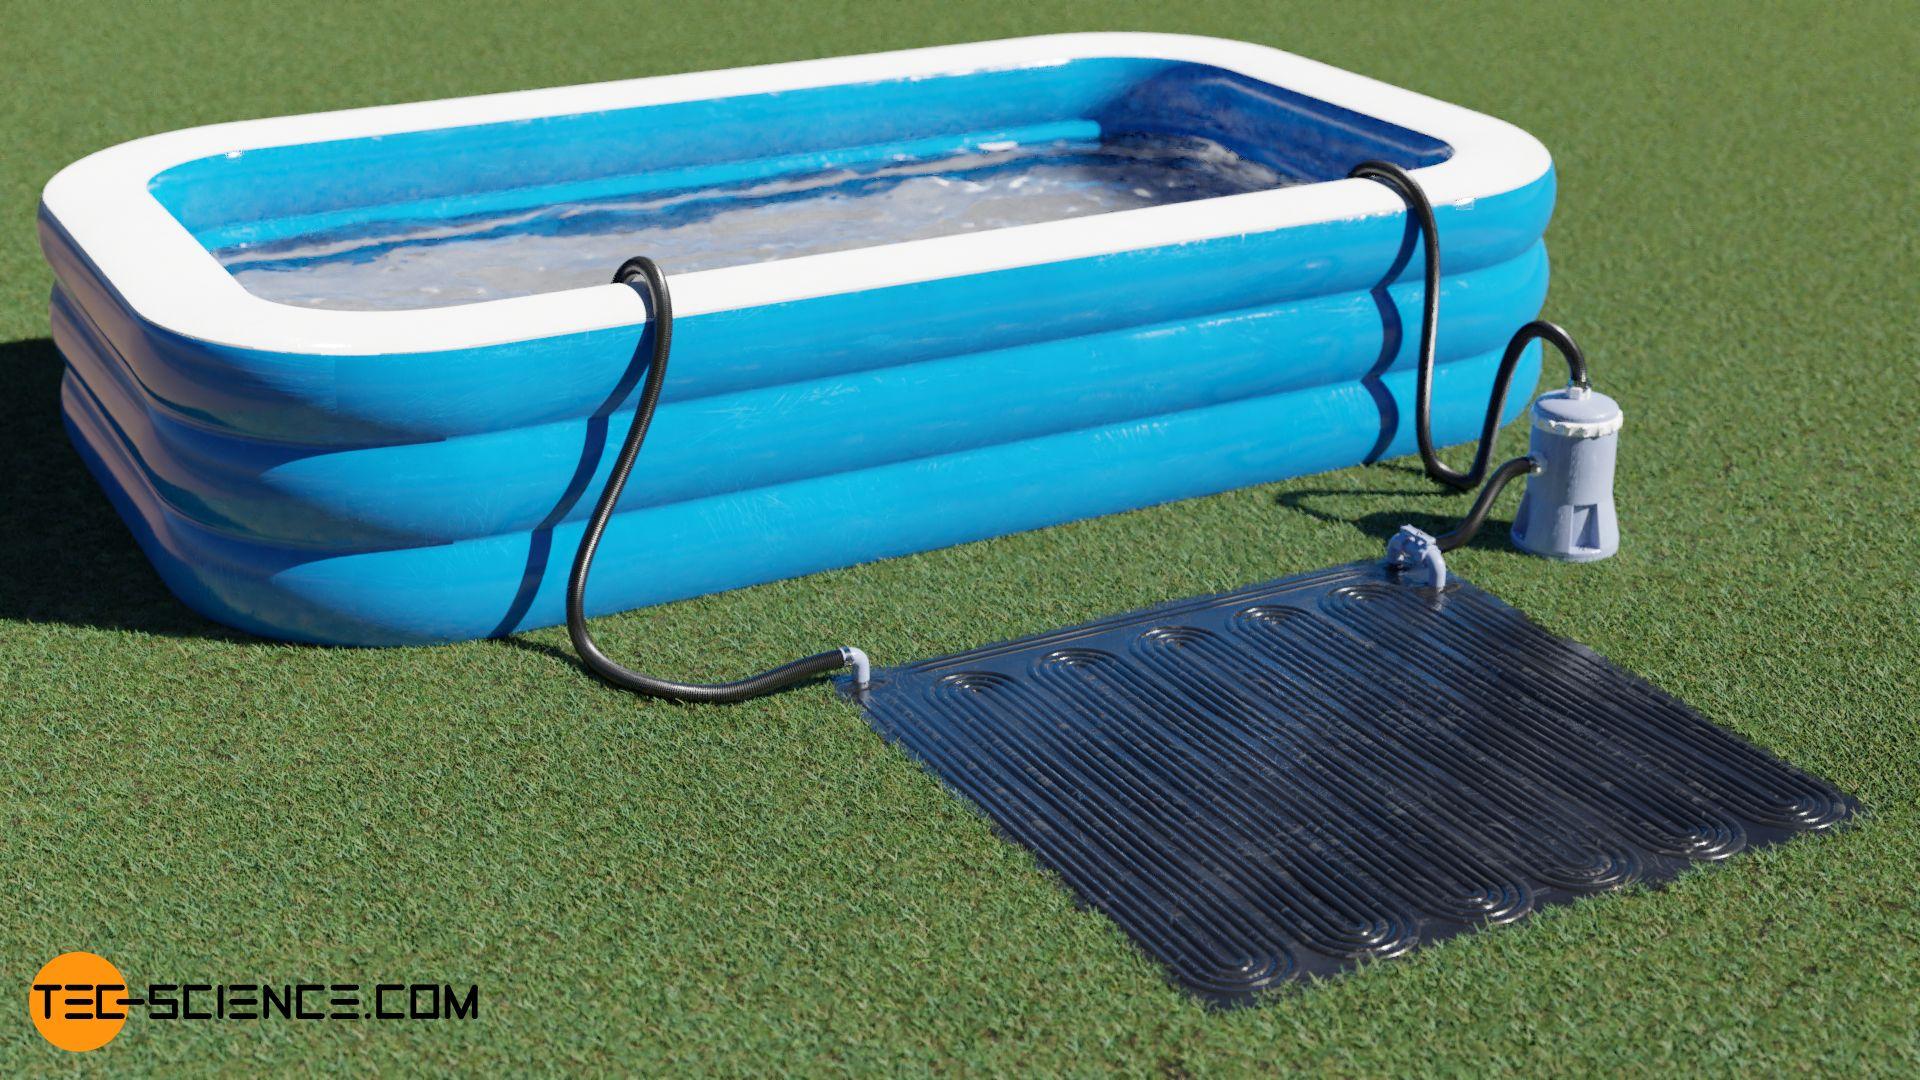 Solarheizung für einen Pool